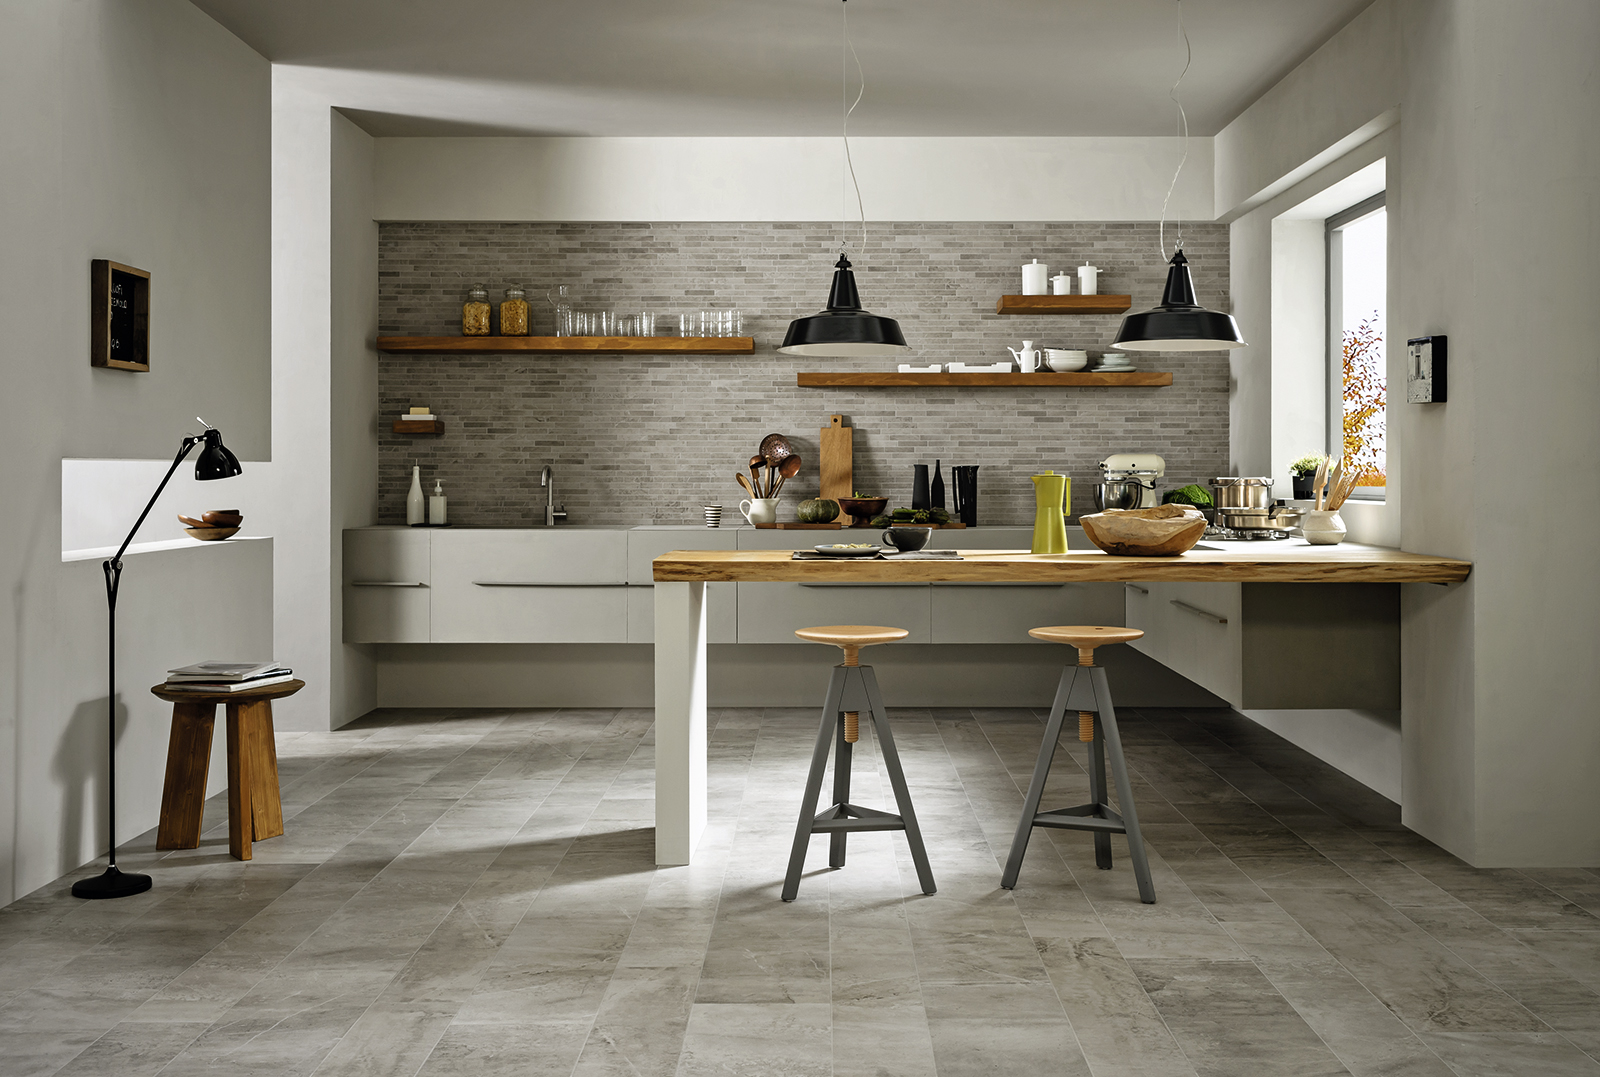 Piastrelle Cucina Finta Pietra.Piastrella Bagno Effetto Pietra Canziani Fabio Cell 348